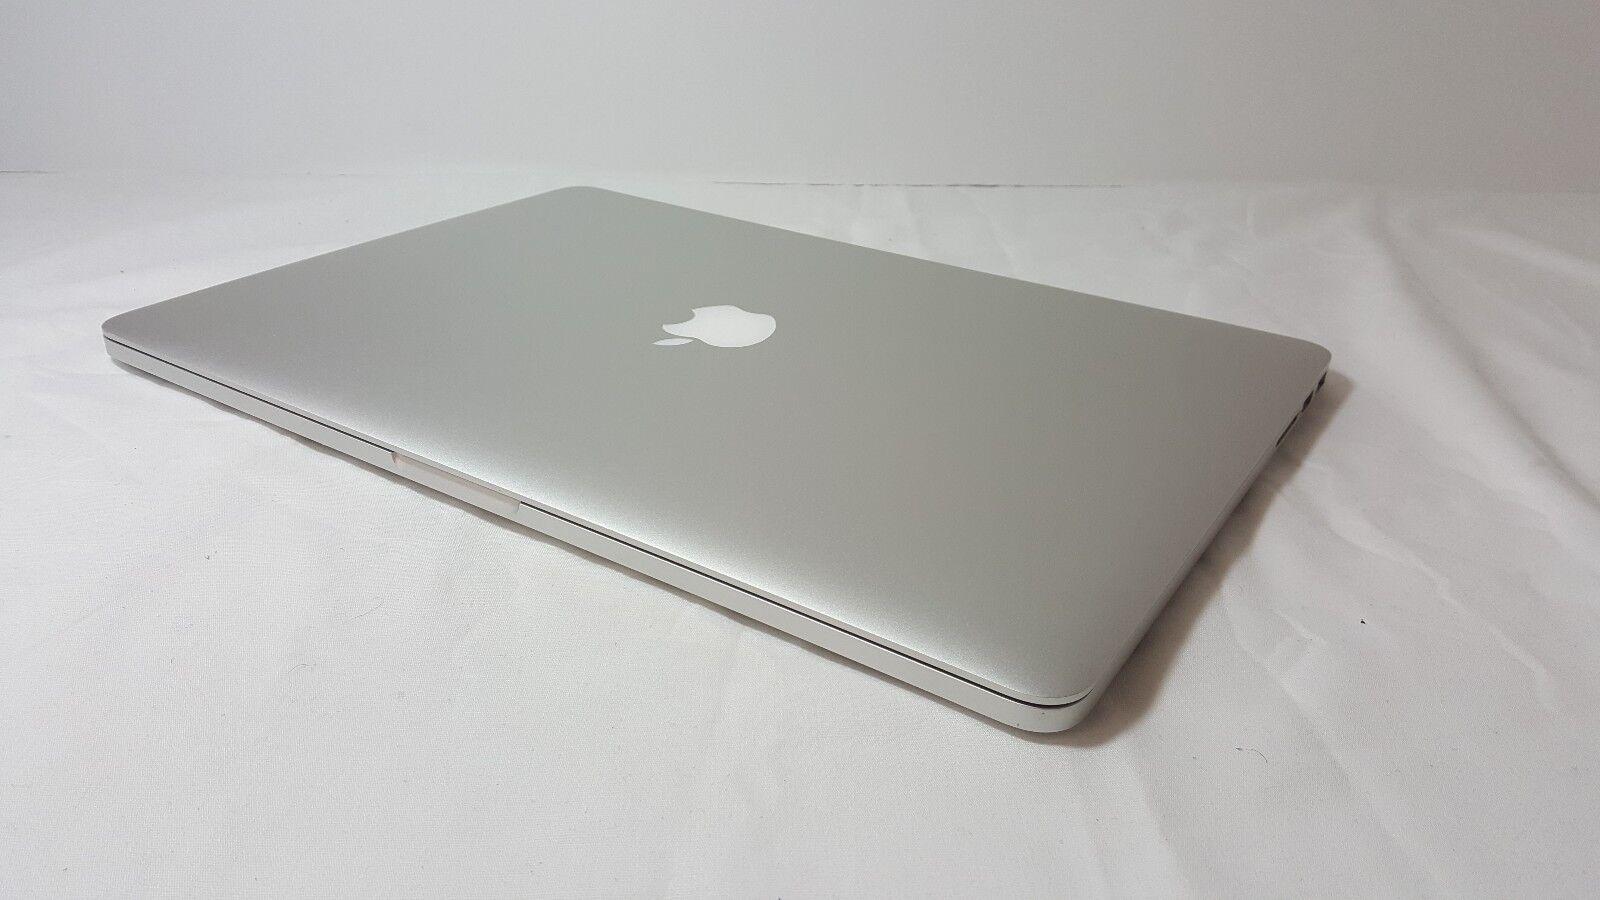 """Macbook - Apple MacBook Pro 15"""" Retina - Core i7 2.6Ghz / 8GB / SSD + 90 Day Warranty!"""